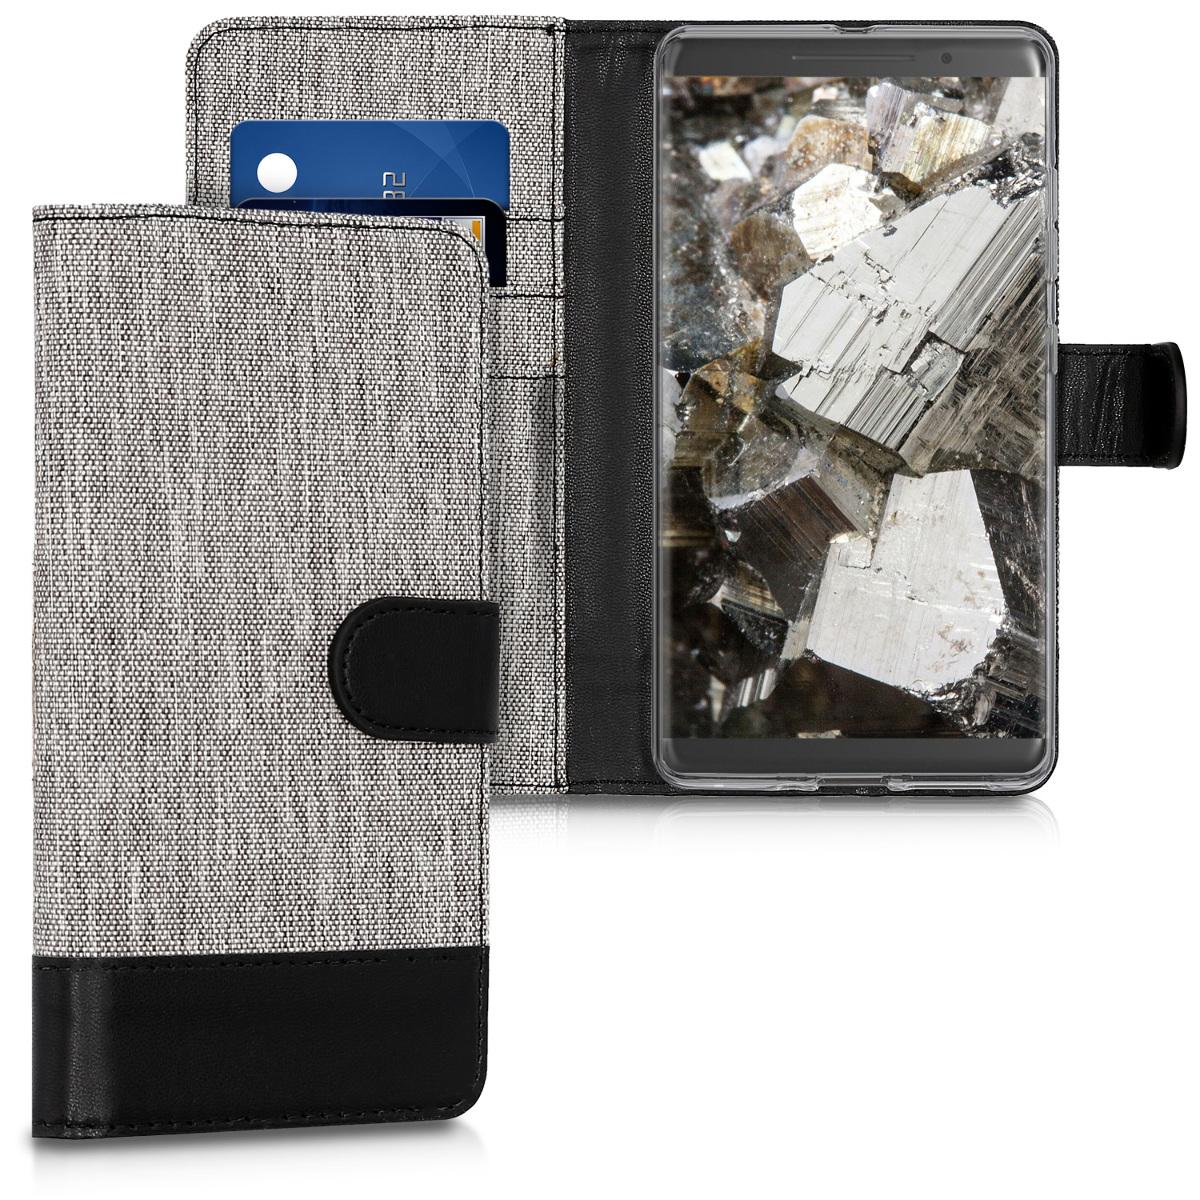 KW Θήκη Πορτοφόλι Nokia 8 Sirocco - Συνθετικό δέρμα - Grey / Black (43373.01)